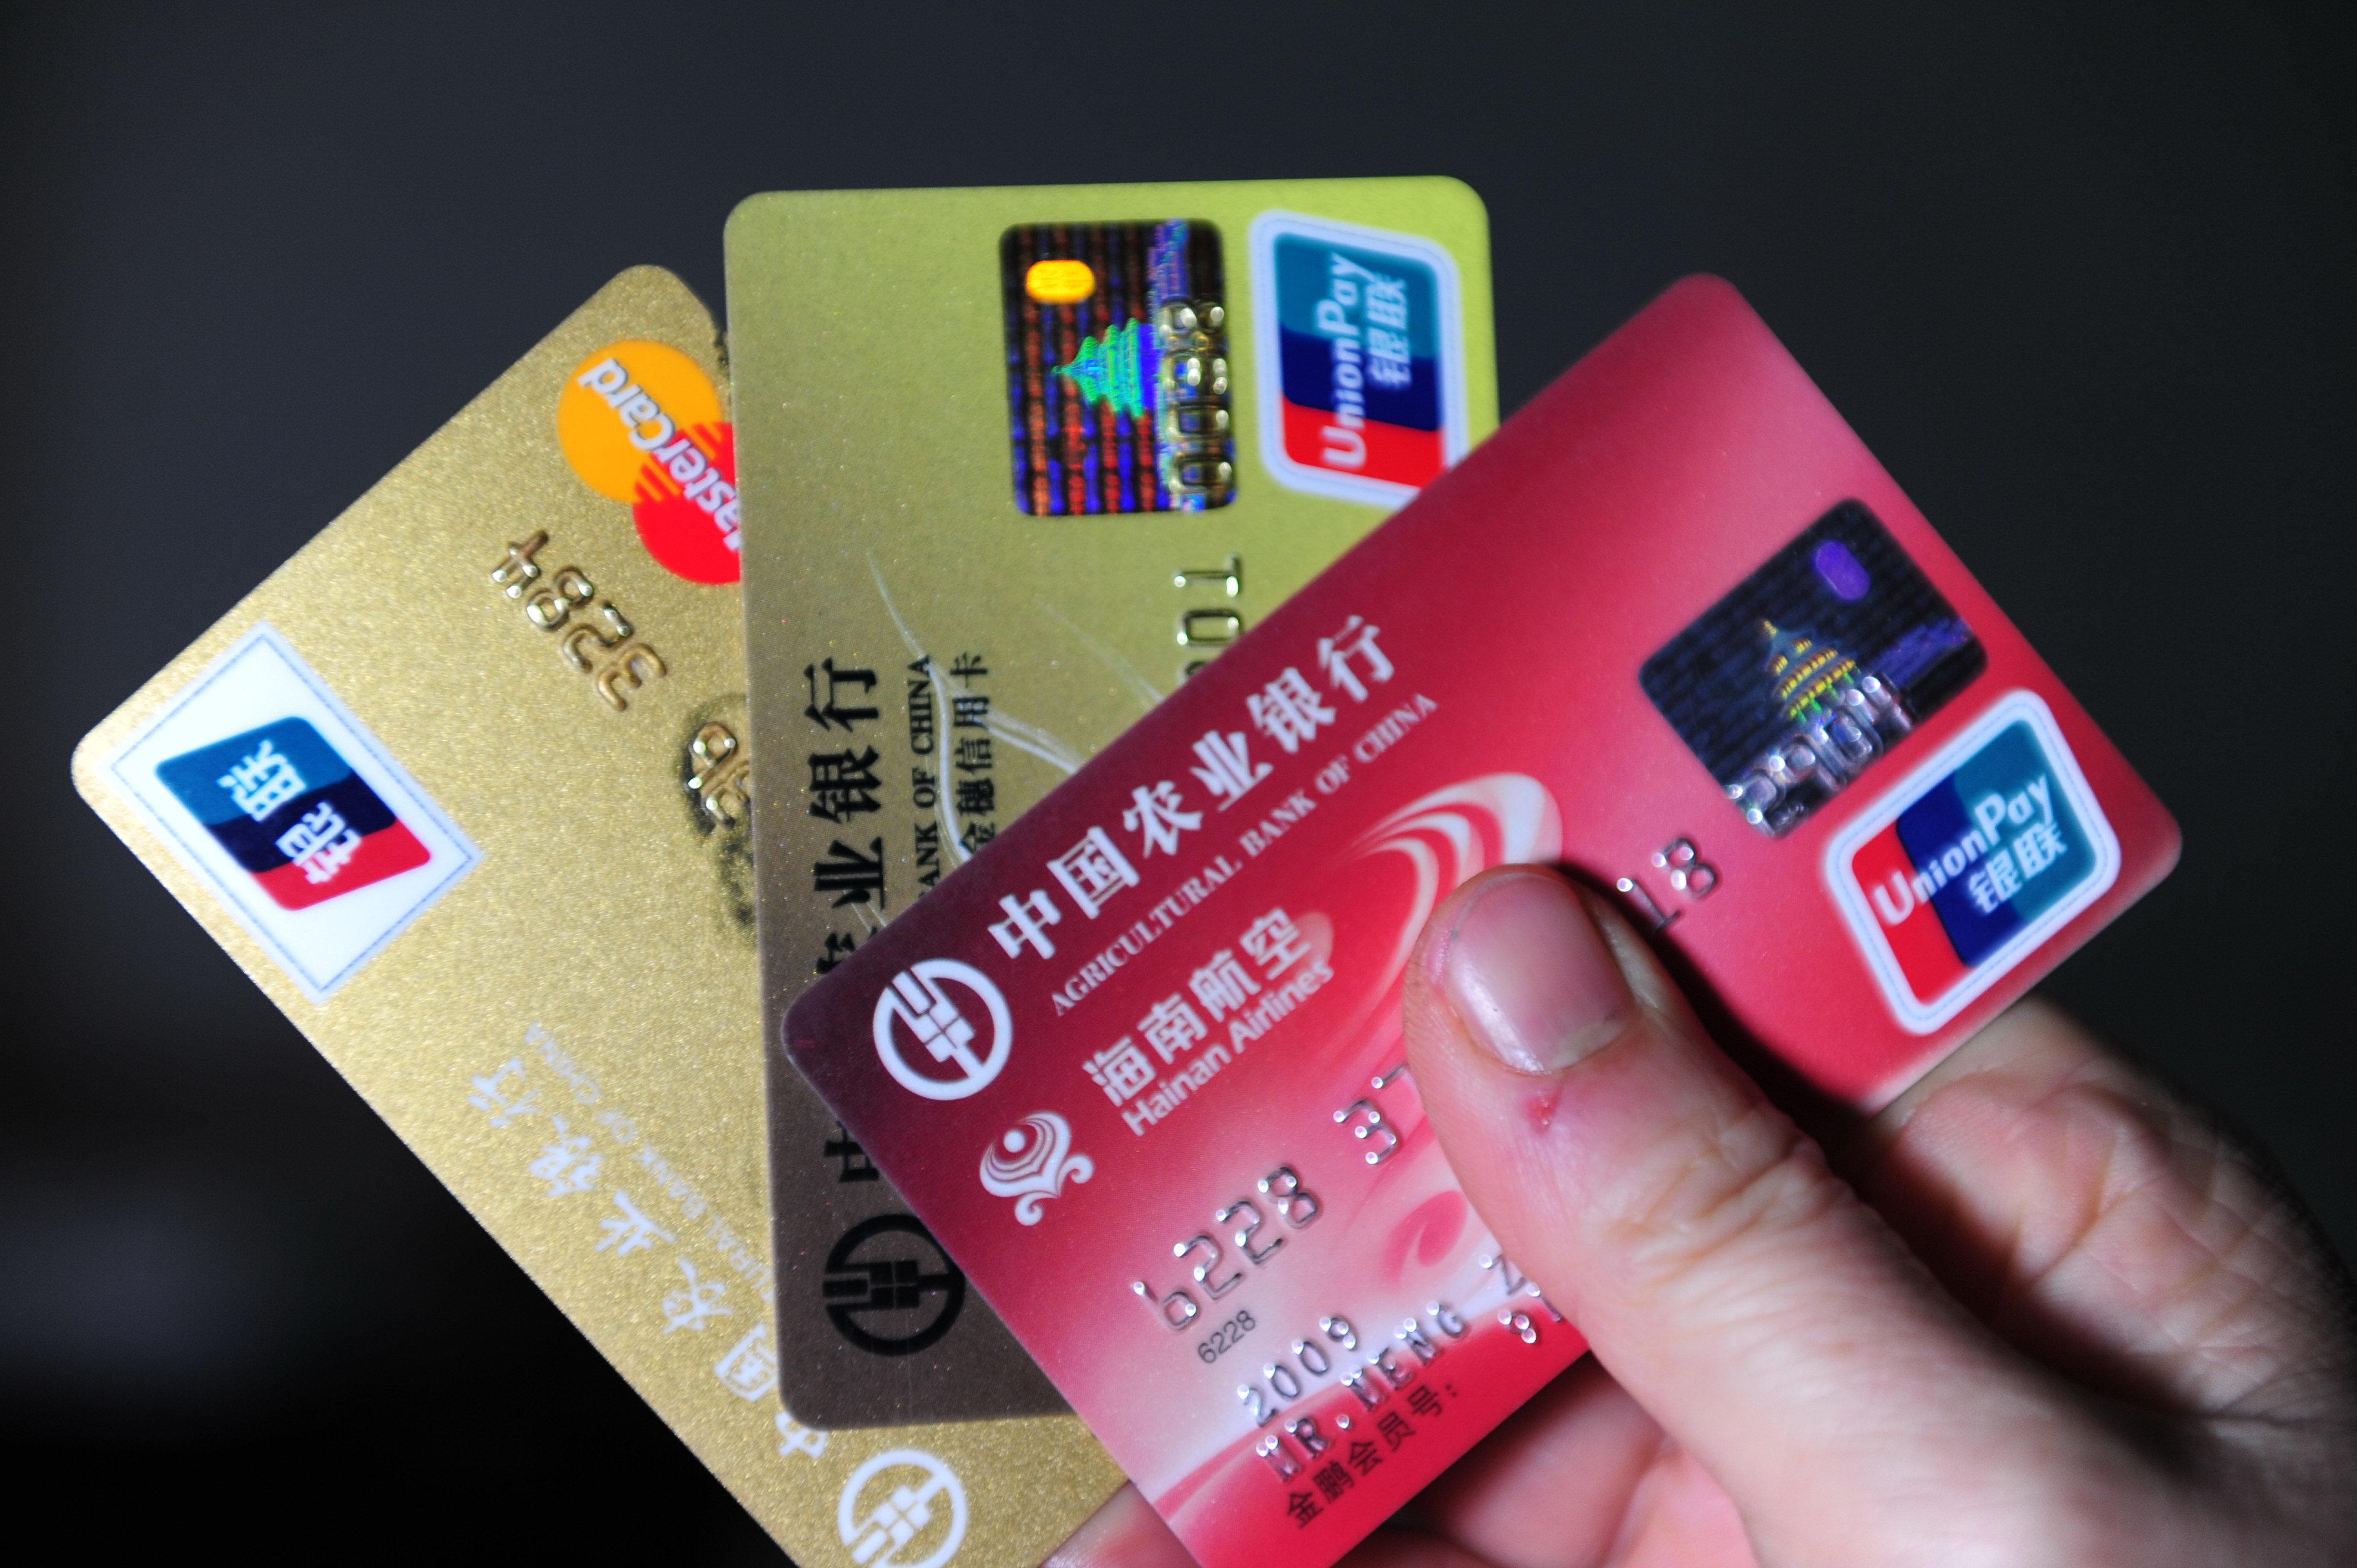 只因信用卡账单多还10元钱,导致的结果比逾期还可怕!